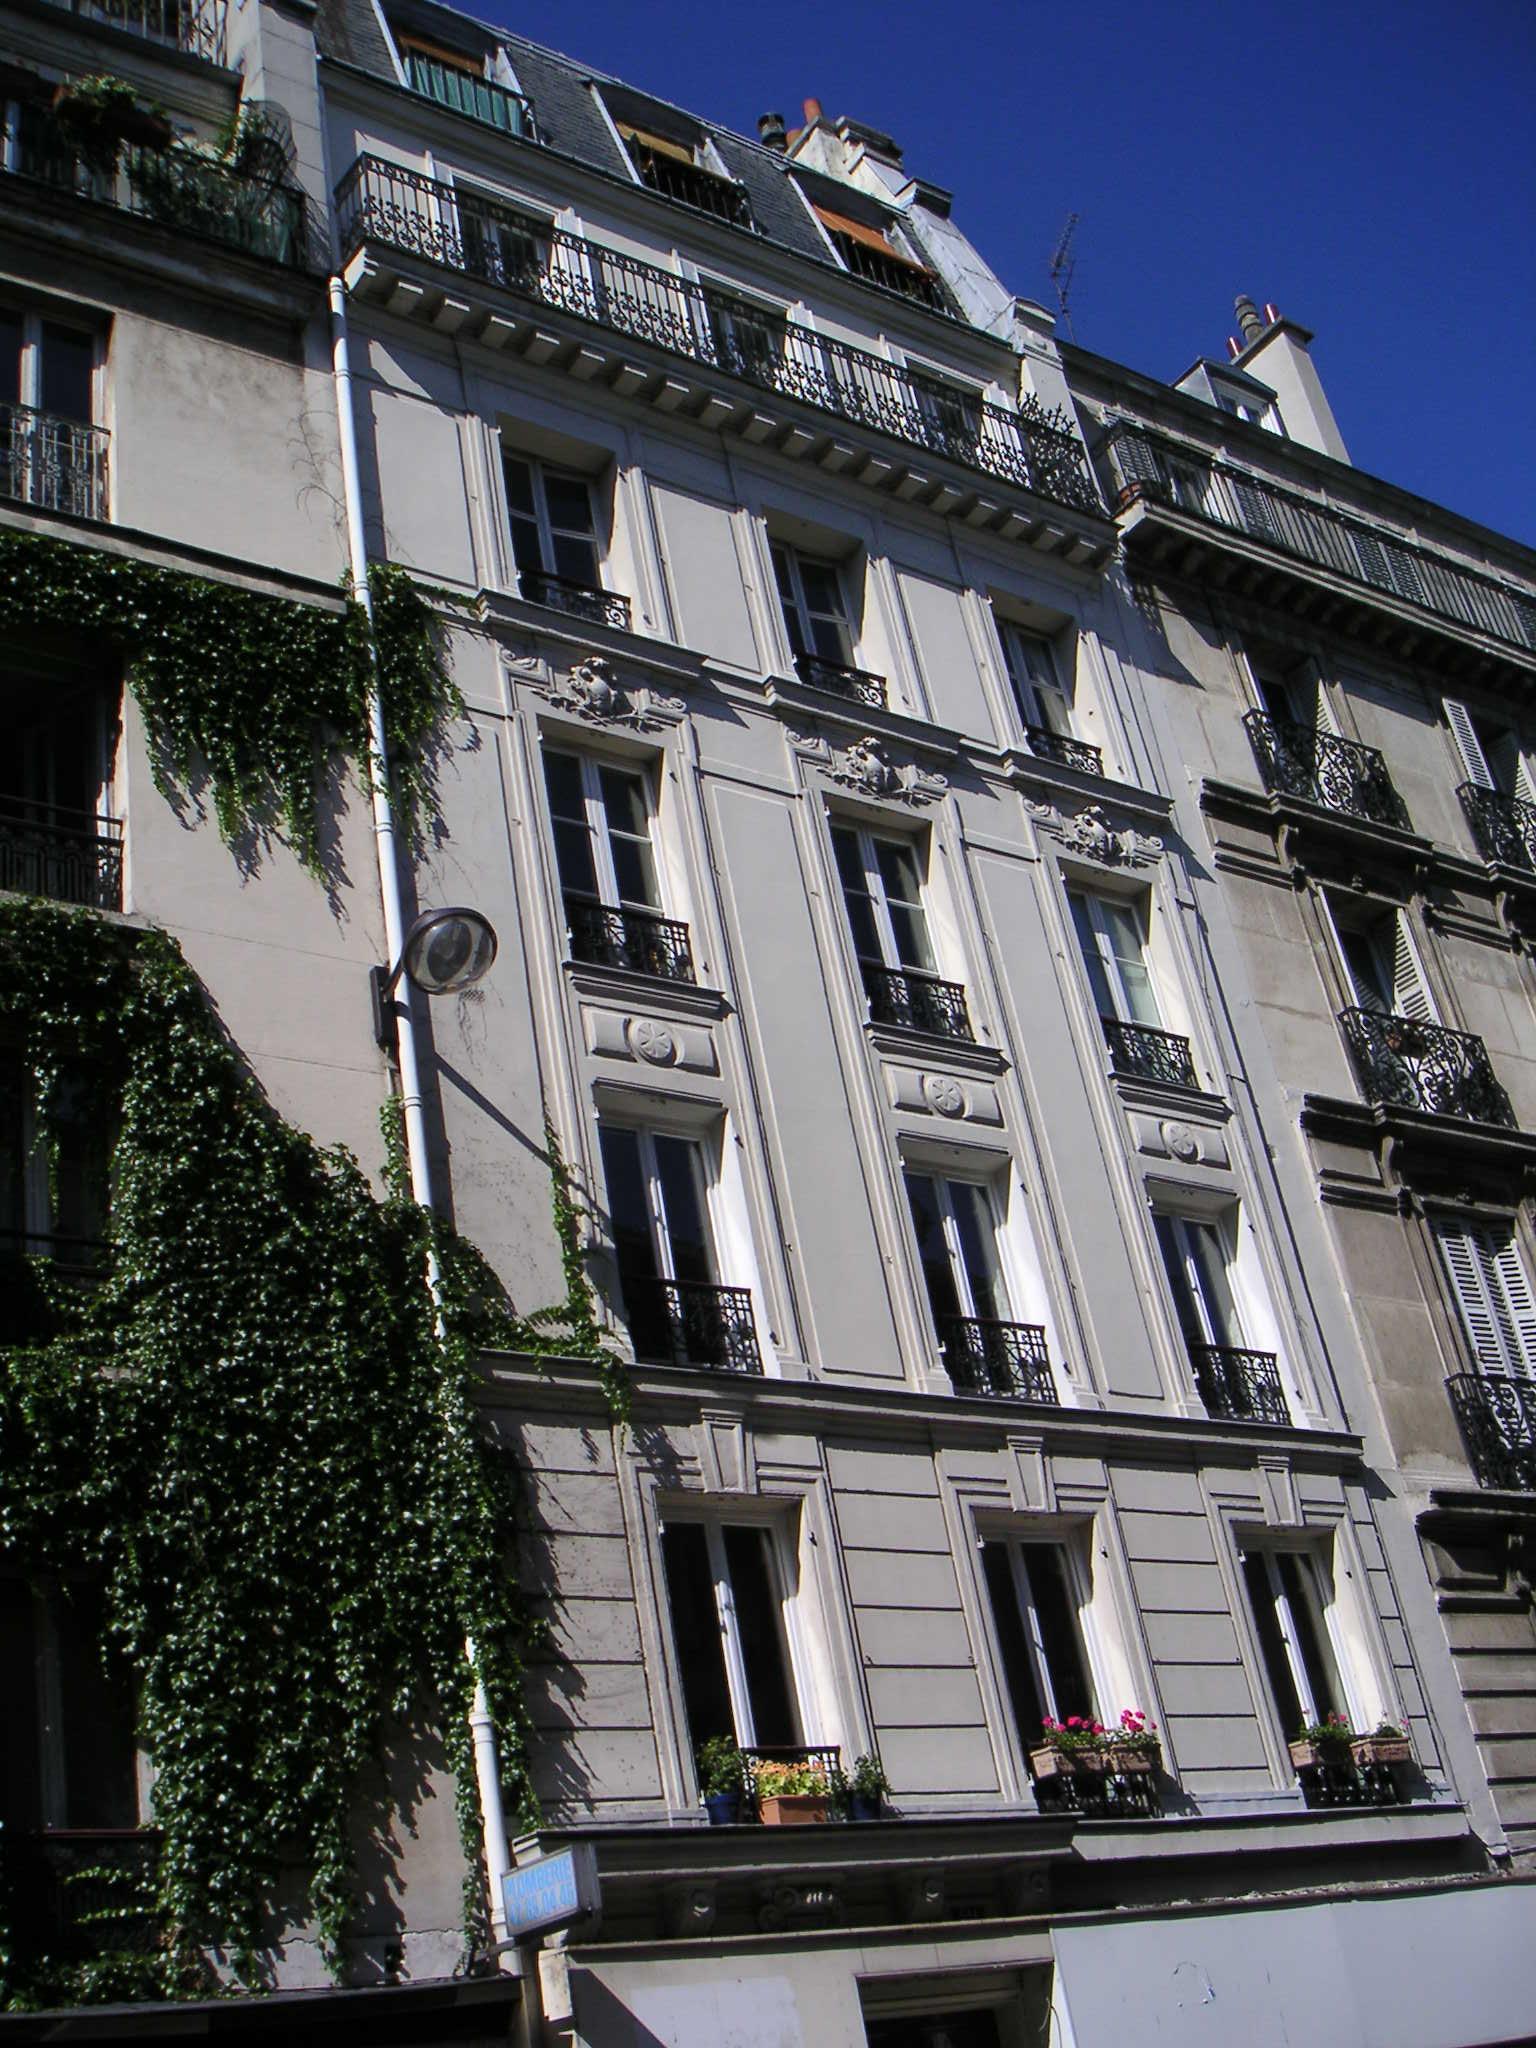 Macron et loi alur ce qui change pour les baux d 39 habitation agence et - Loi alur ce qui change ...